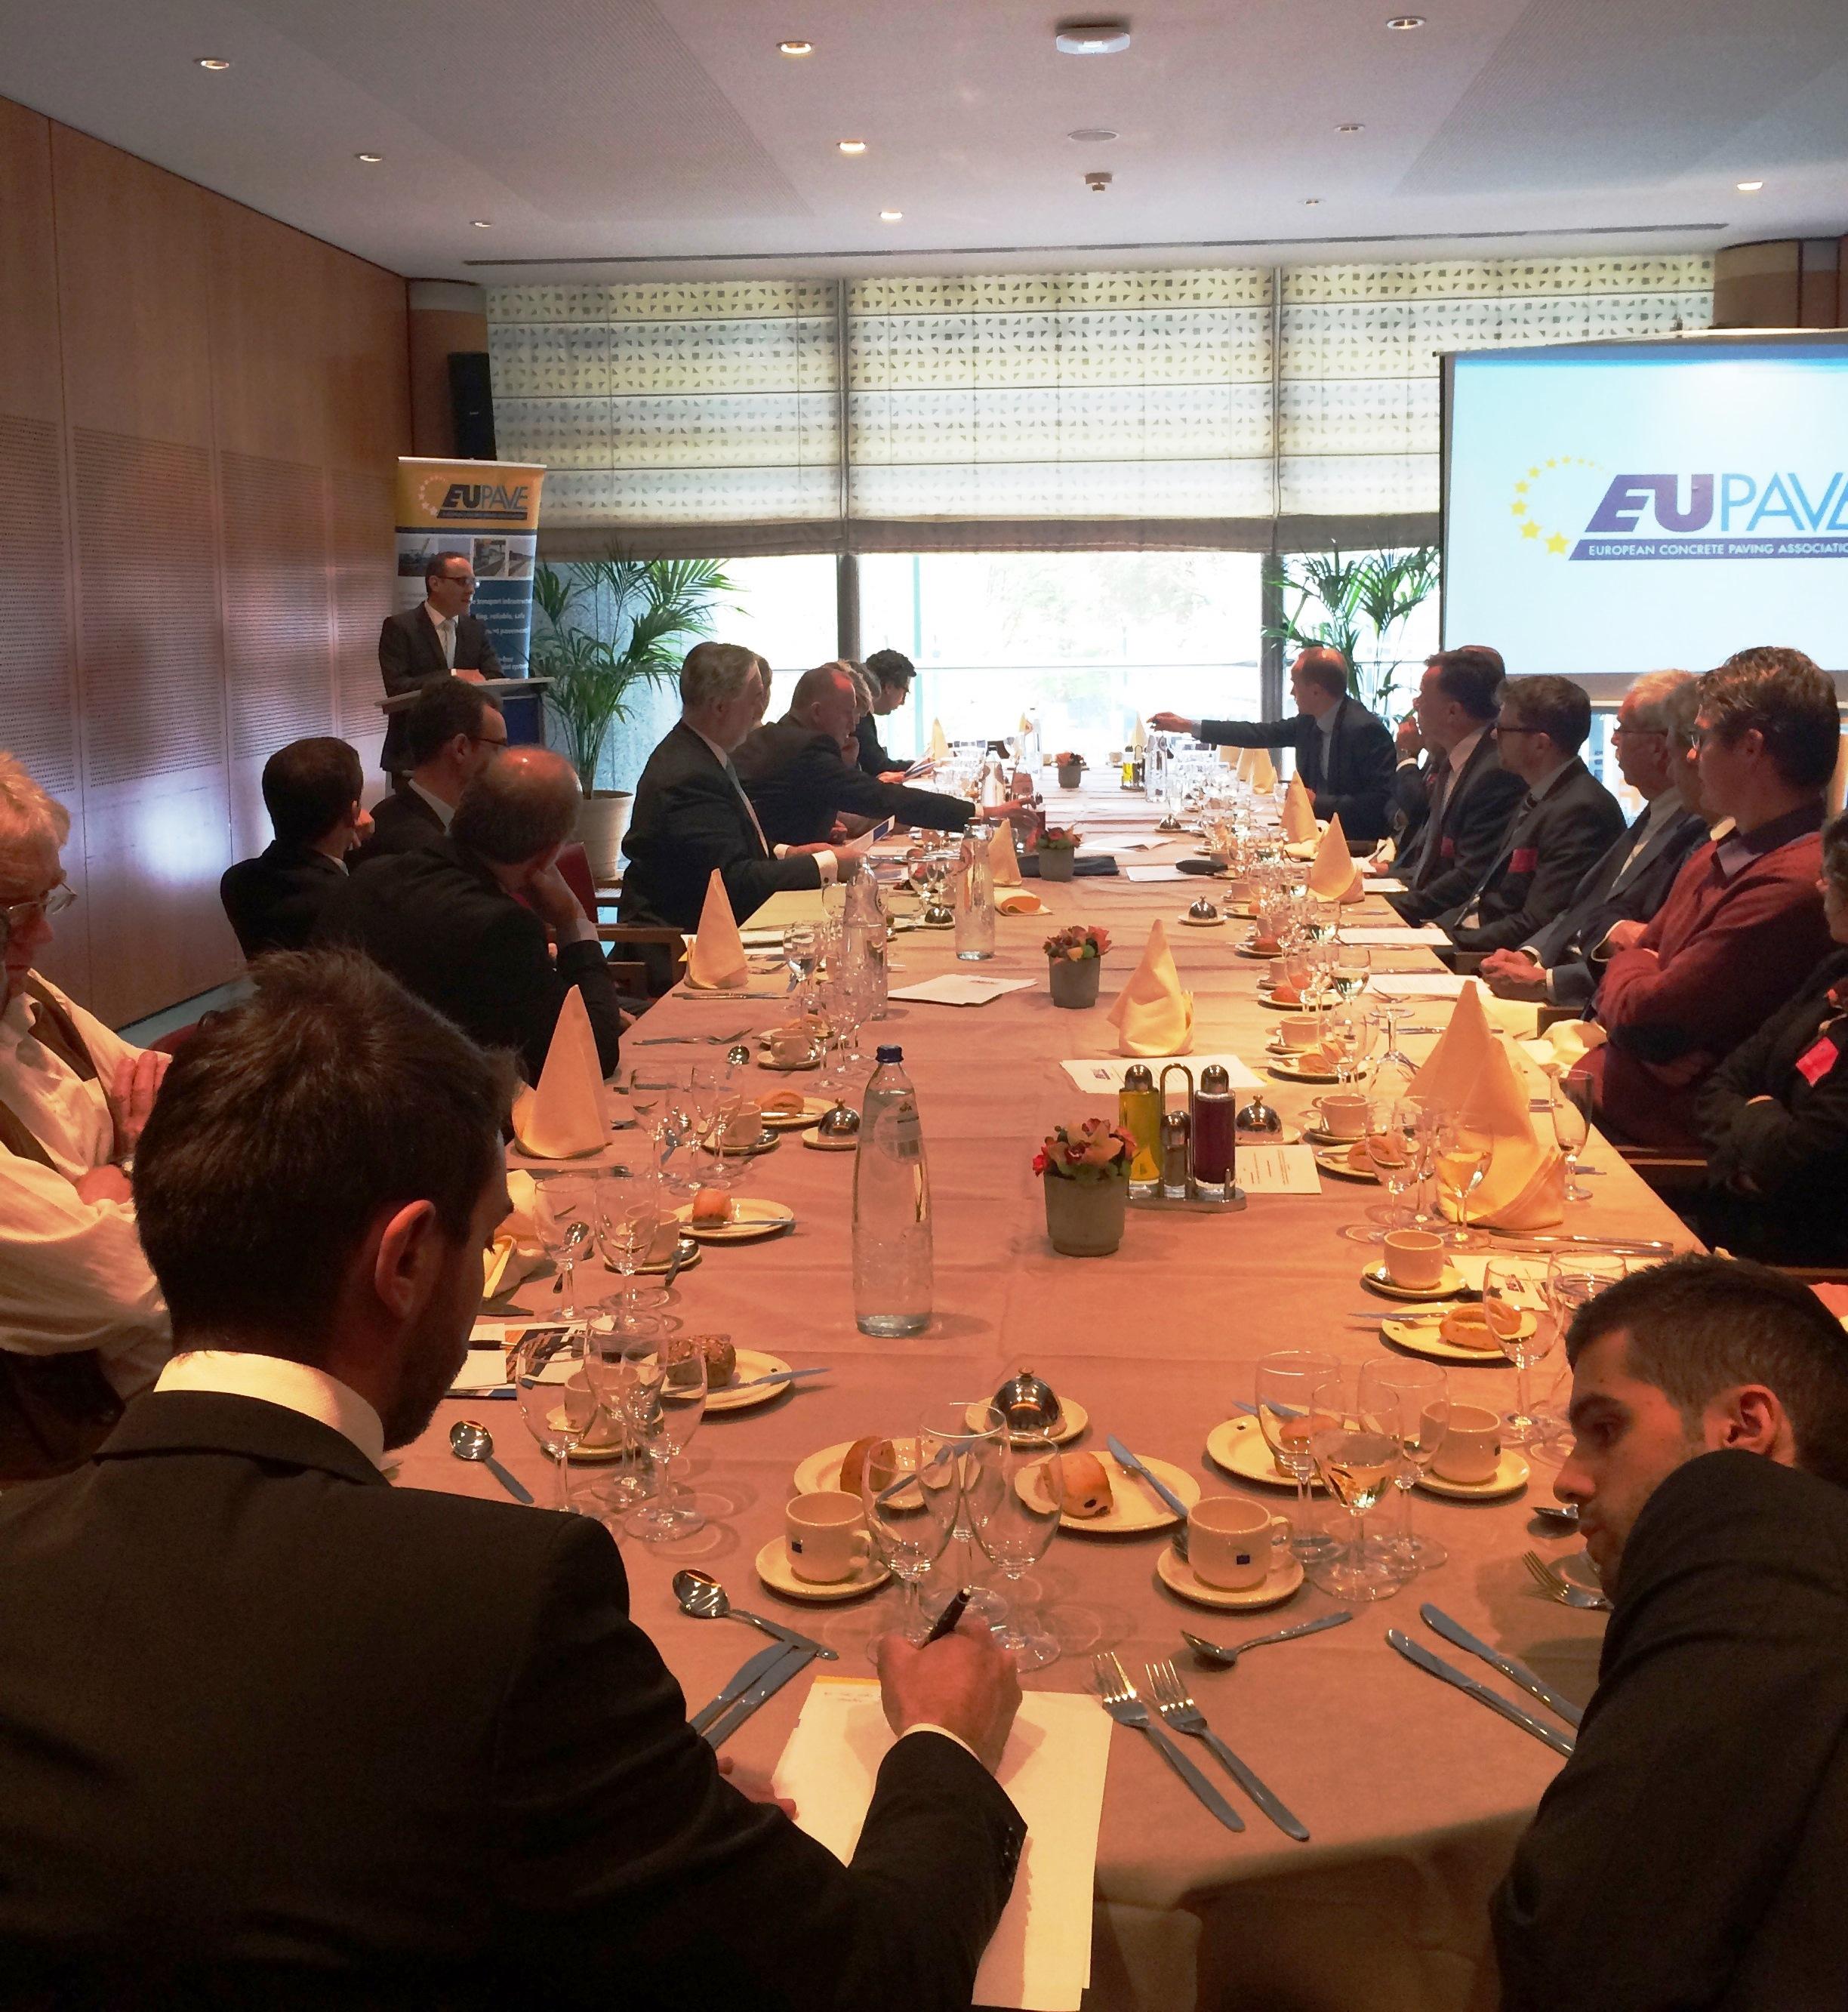 A&A organiza debate sobre contratación pública en el Parlamento Europeo